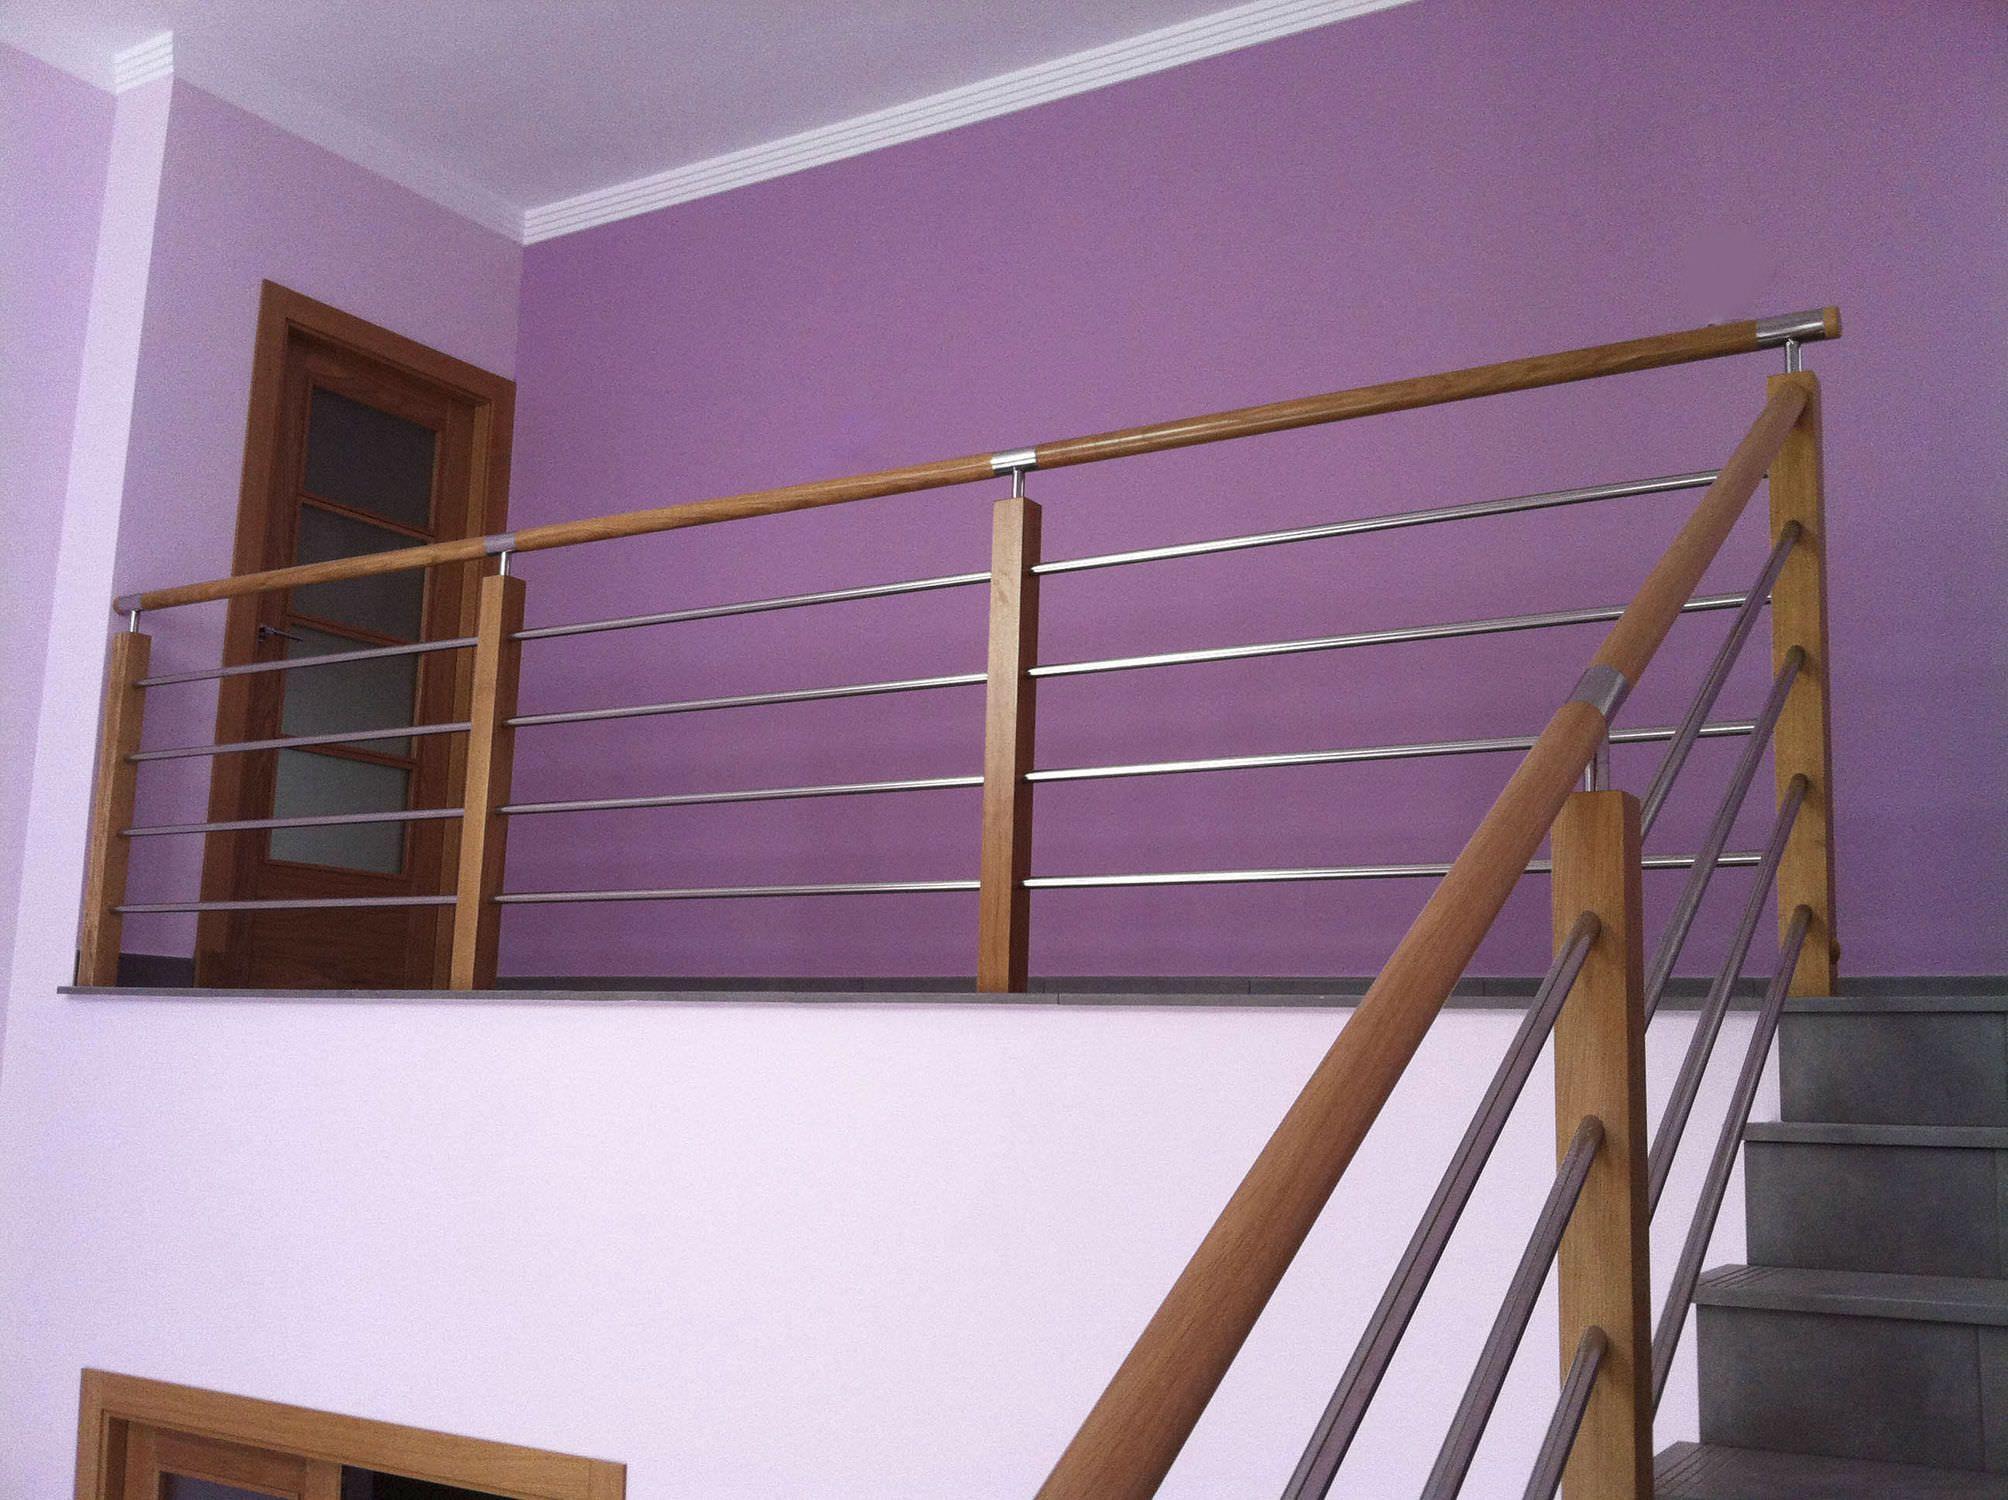 Barandilla De Interior De Madera De Acero Inoxidable Con  ~ Escaleras Prefabricadas De Madera